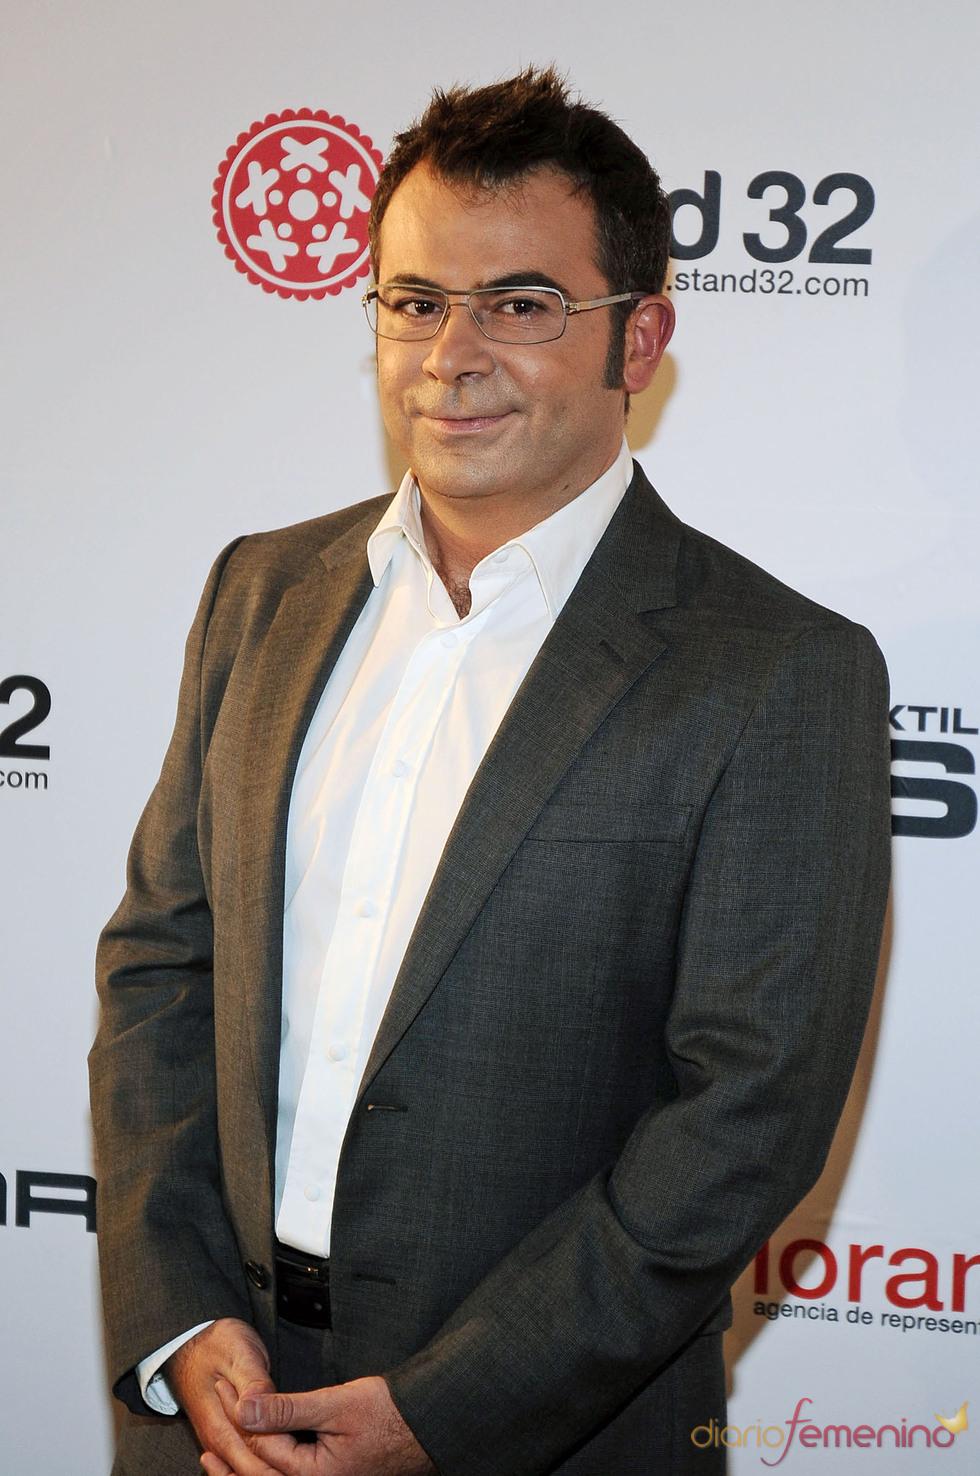 Jorge javier vazquez solicita una aumento del sueldo - Jorge vazquez facebook ...